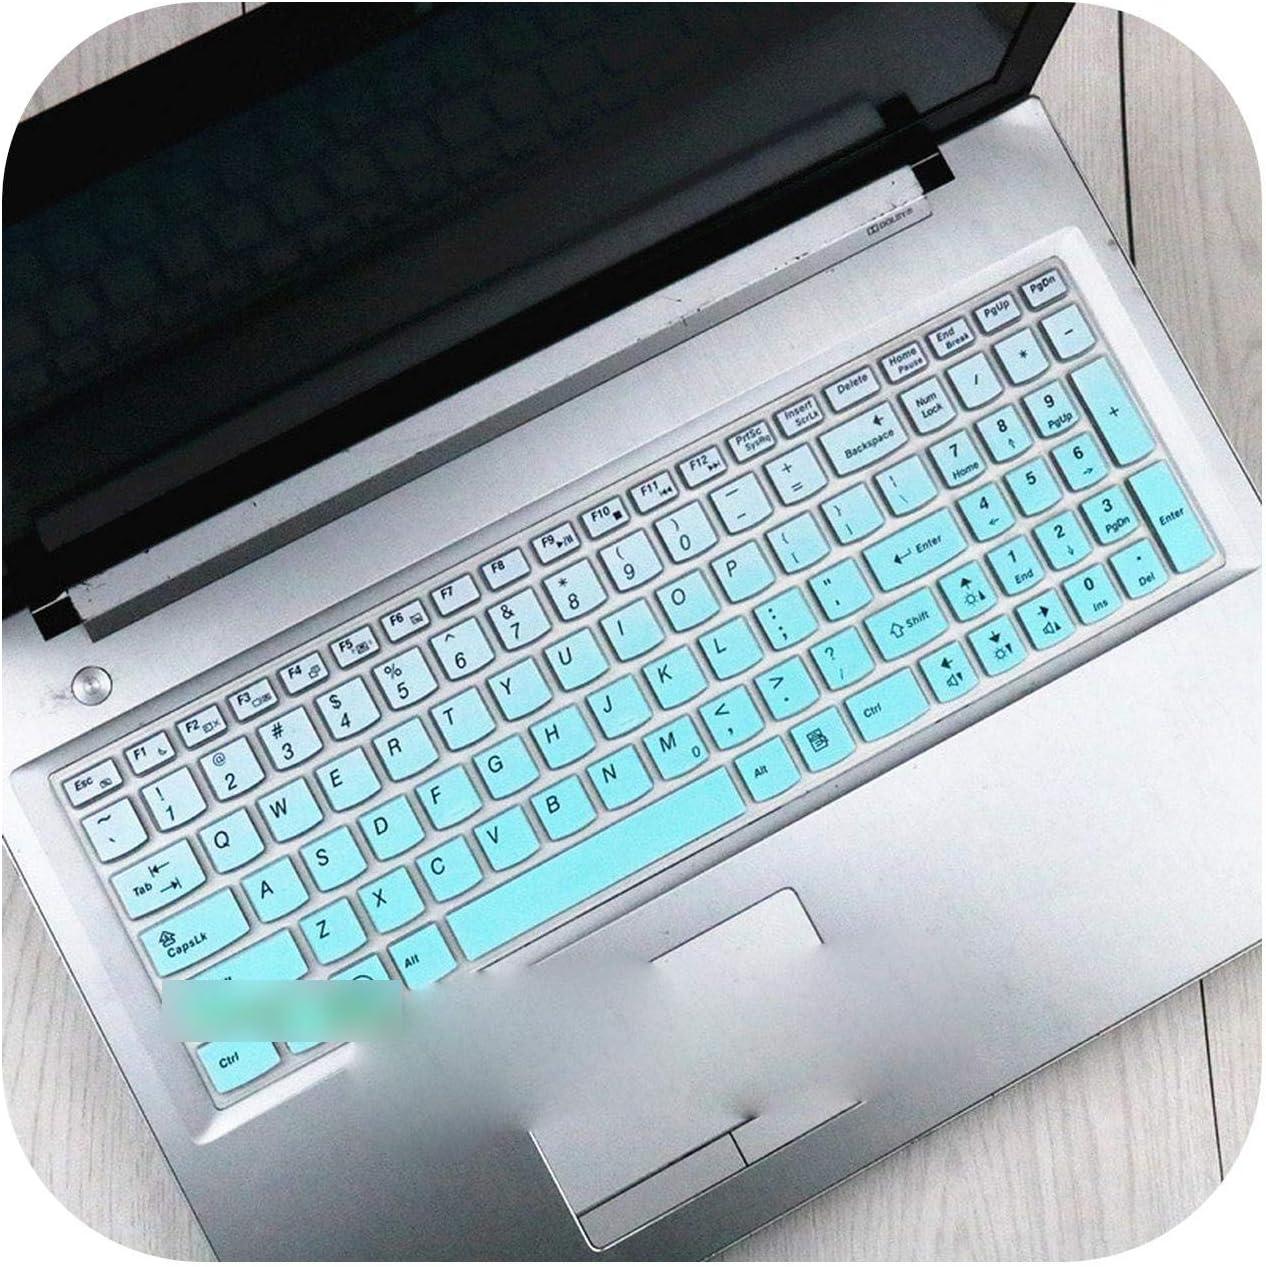 15.6 17.3 Silicone Keyboard Protector Cover Skin for Lenovo Y70-70 300-17 Y50C B70-80 B71-80 V2000 V4000 Y50C G50-70 Z50 N50-Gradualskyblue